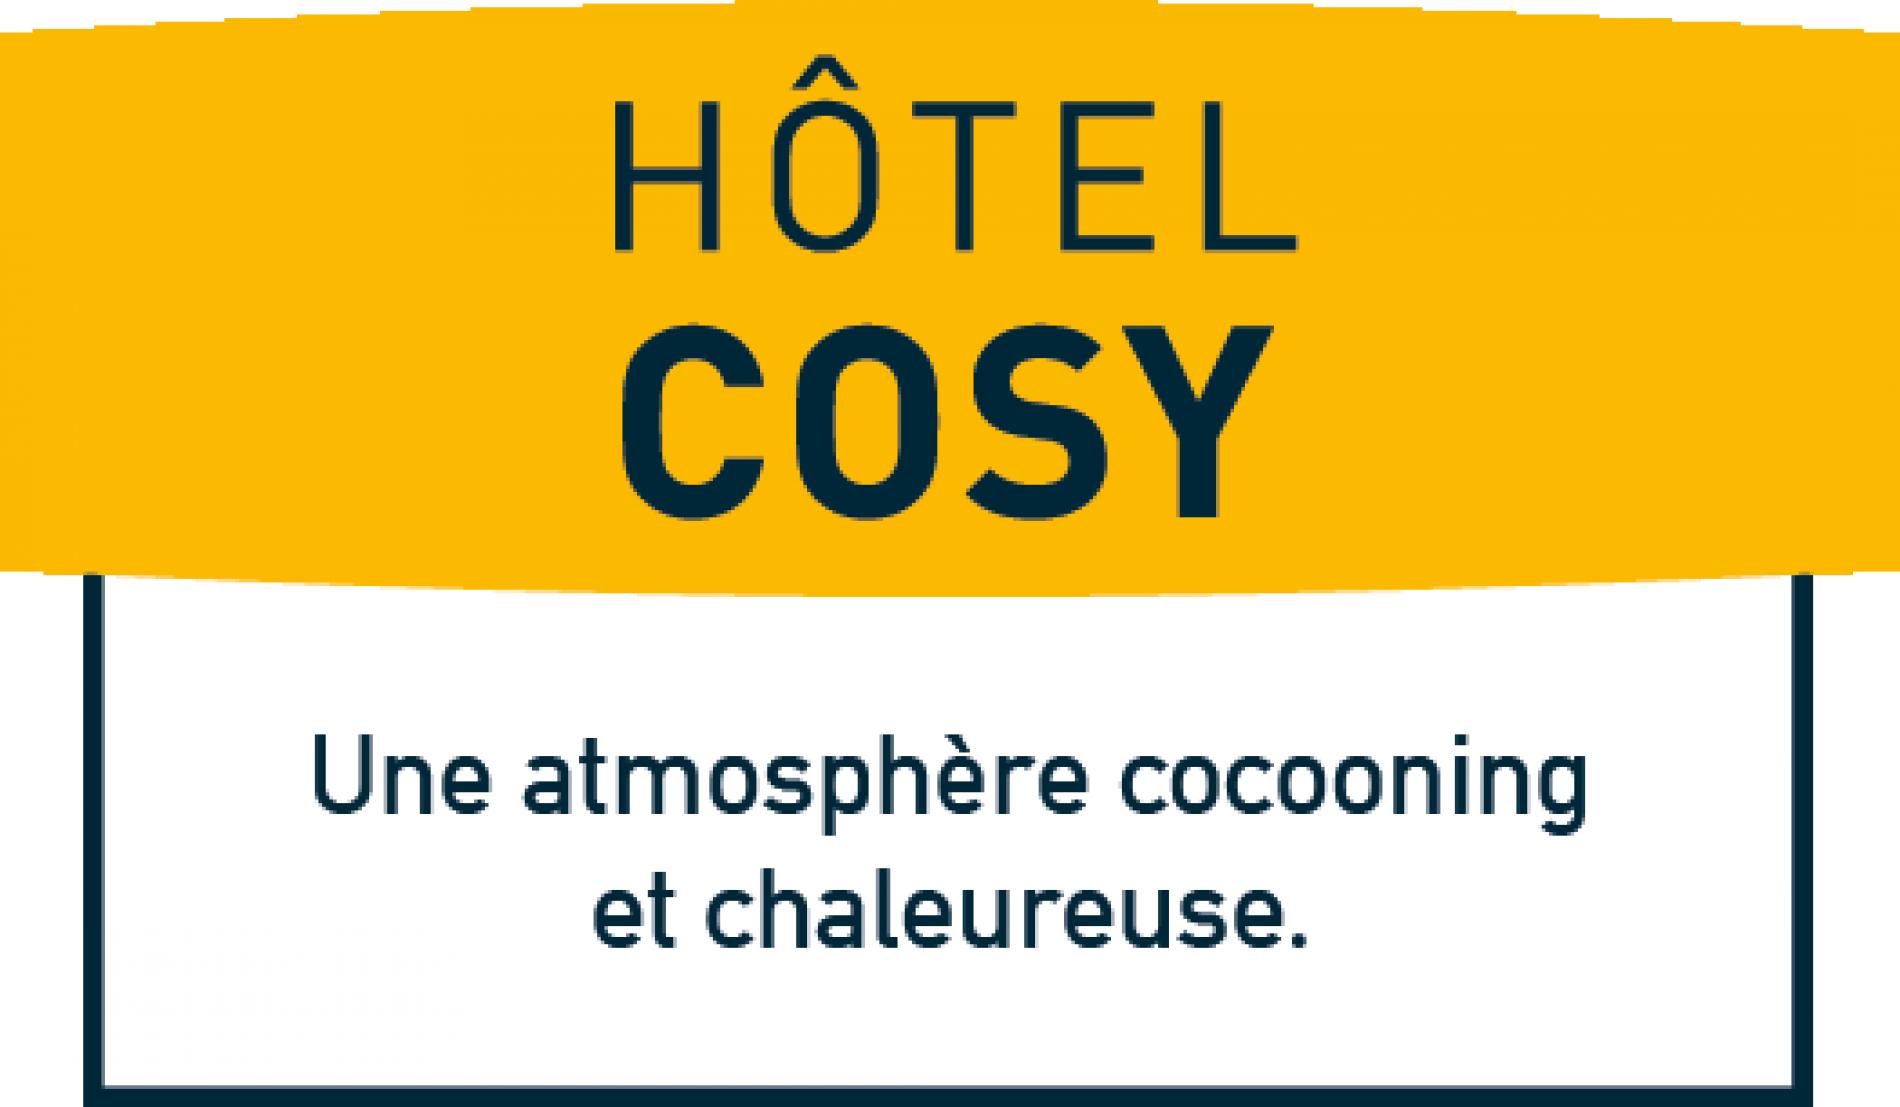 Logo Logis Hotel Cosy Moulin-Marin en Auvergne à Lapalisse